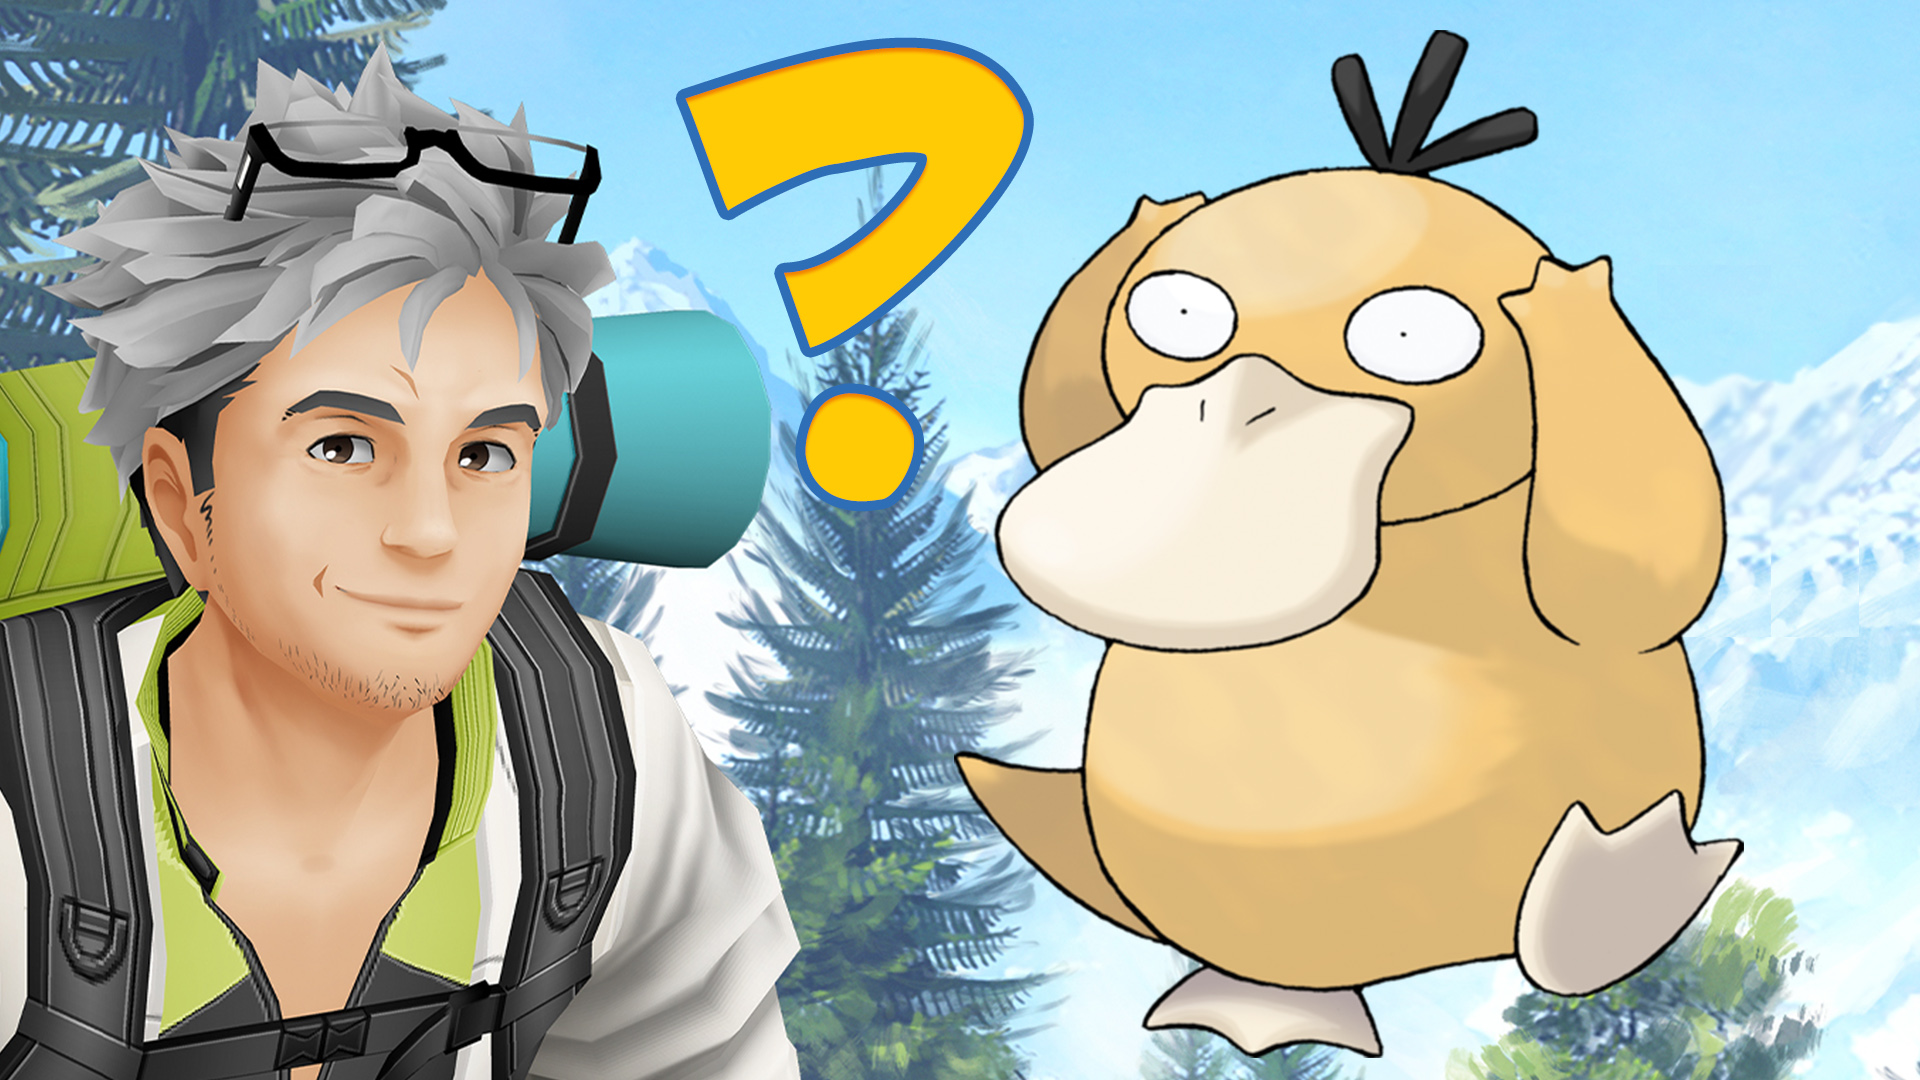 Título de la prueba de Pokémon GO Enton Willow pregunta signo de interrogación